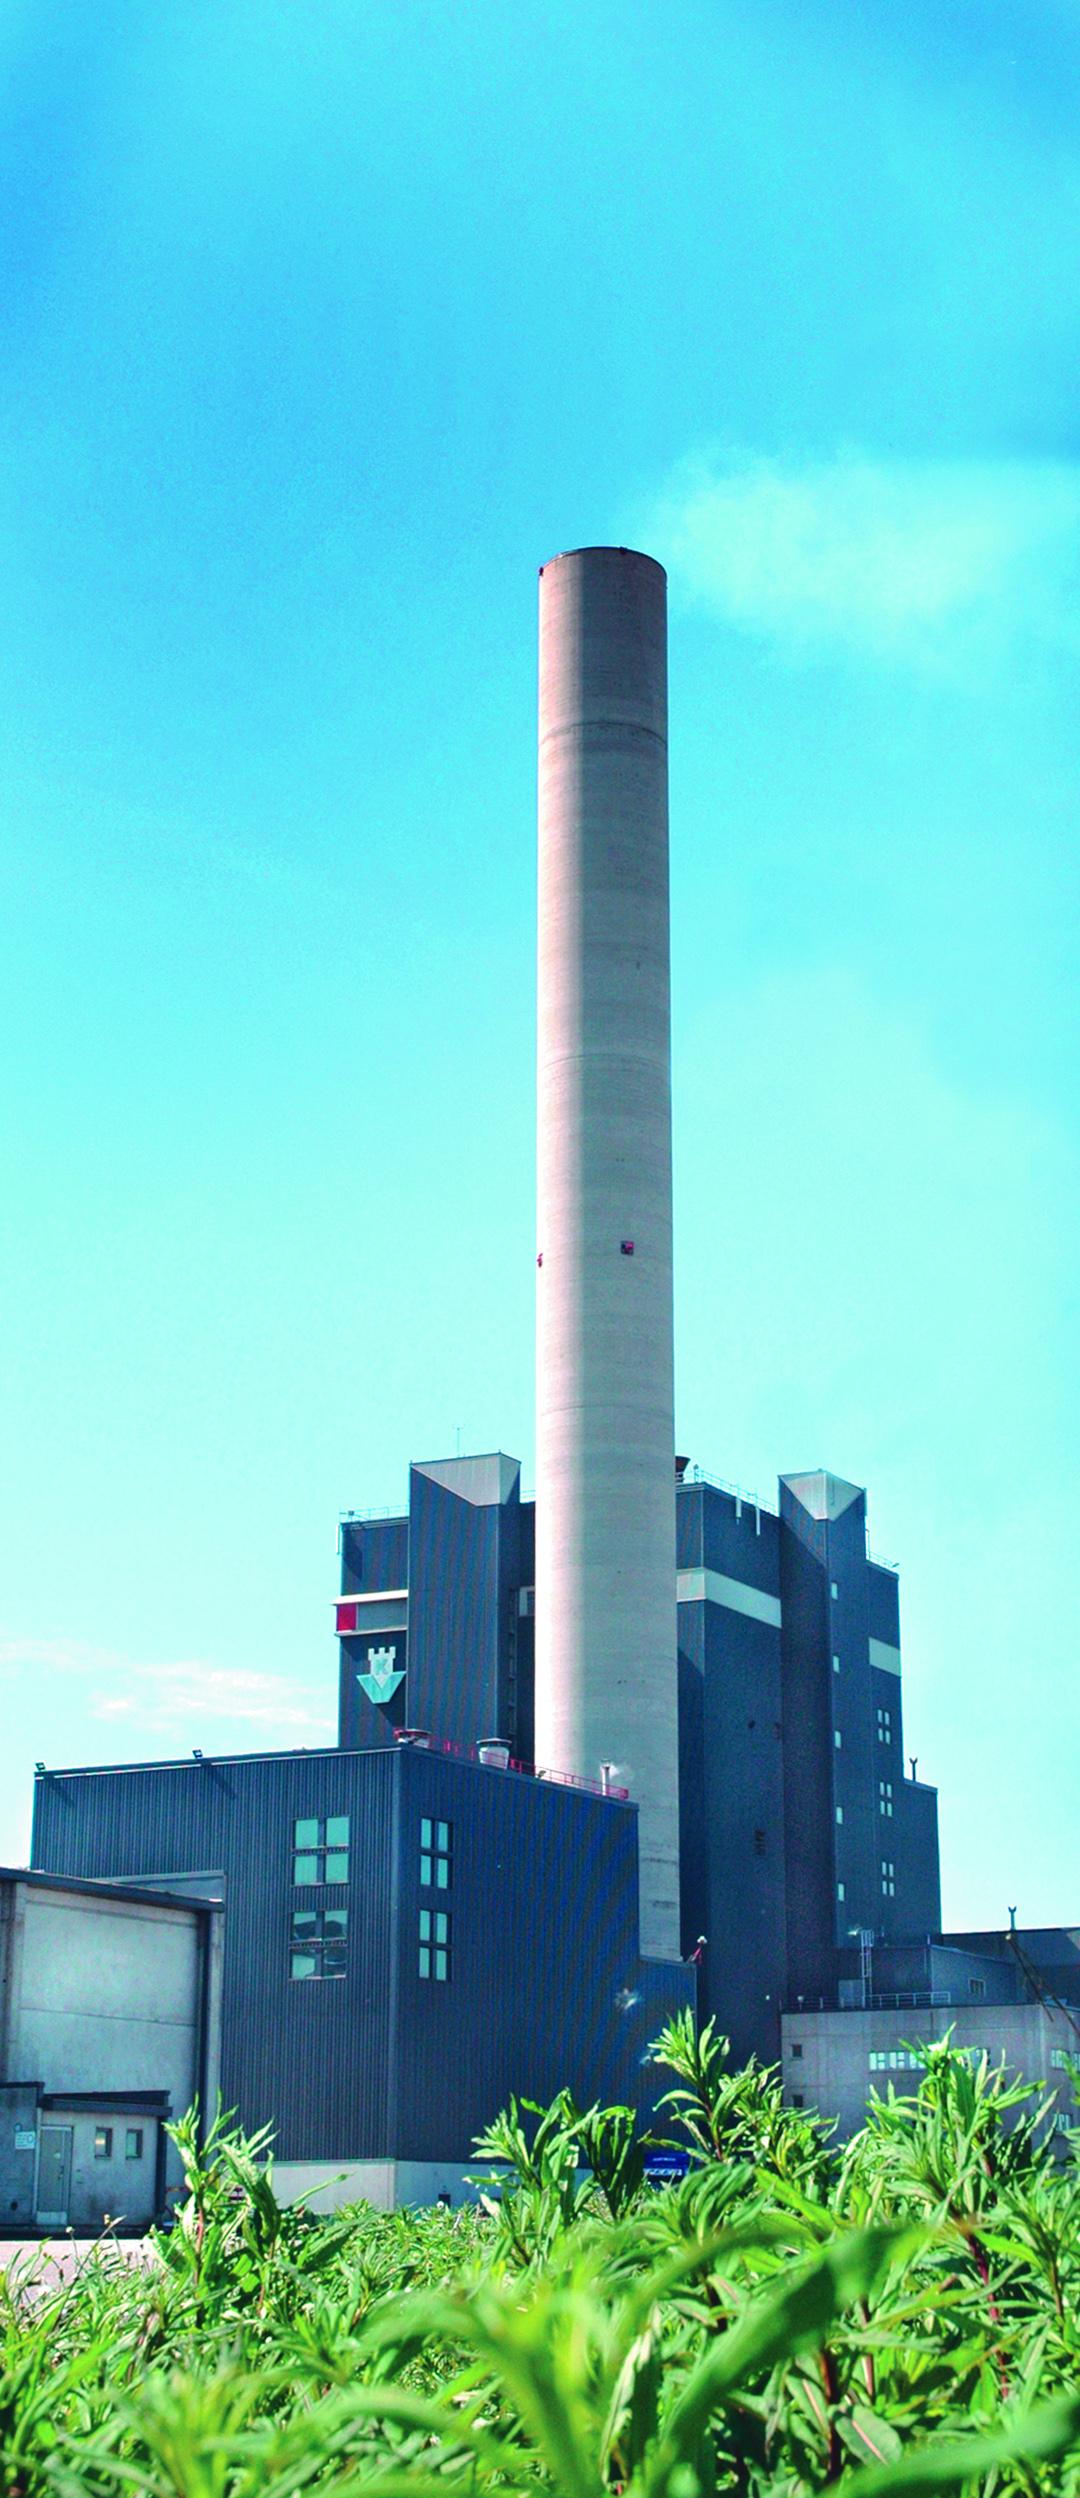 Kainuun Voima Oy on Kainuun biovoimayhtiö. Metsäenergian hyötykäyttö polttoaineena kasvaa.